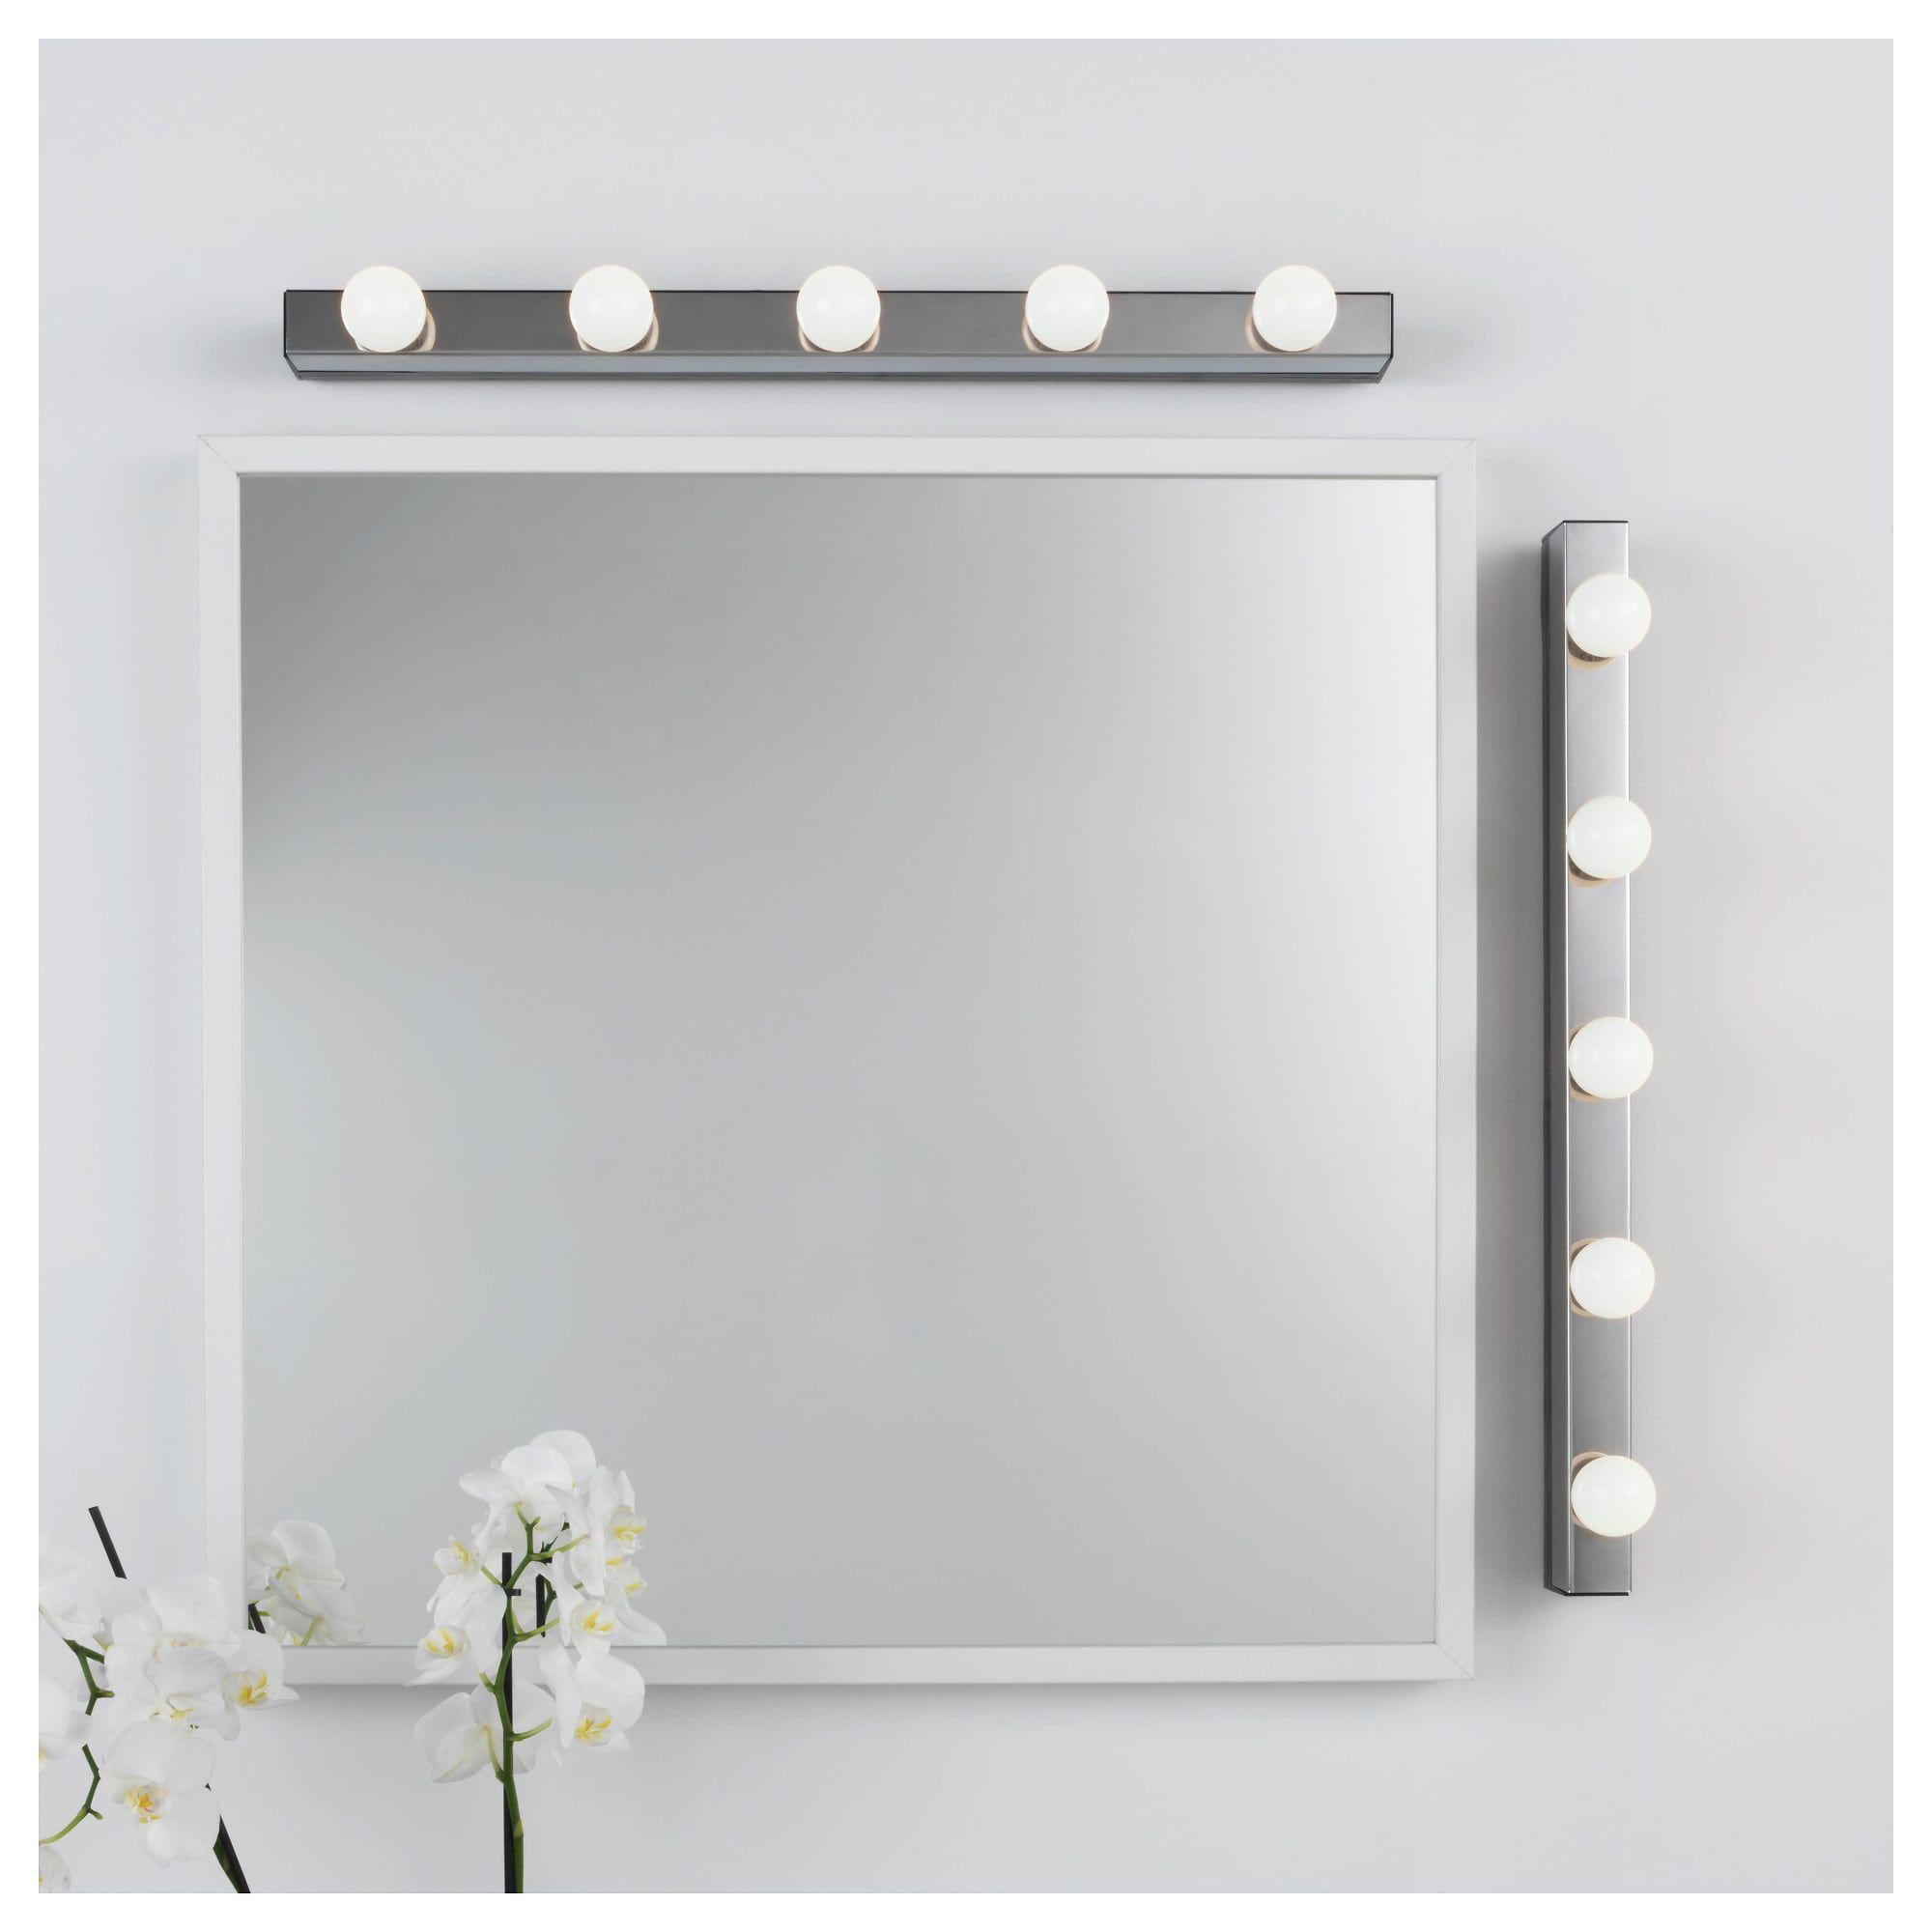 Musik Wandleuchte Fur Festinstallation Verchromt Ikea Osterreich Wandleuchte Bad Spiegel Beleuchtung Ikea